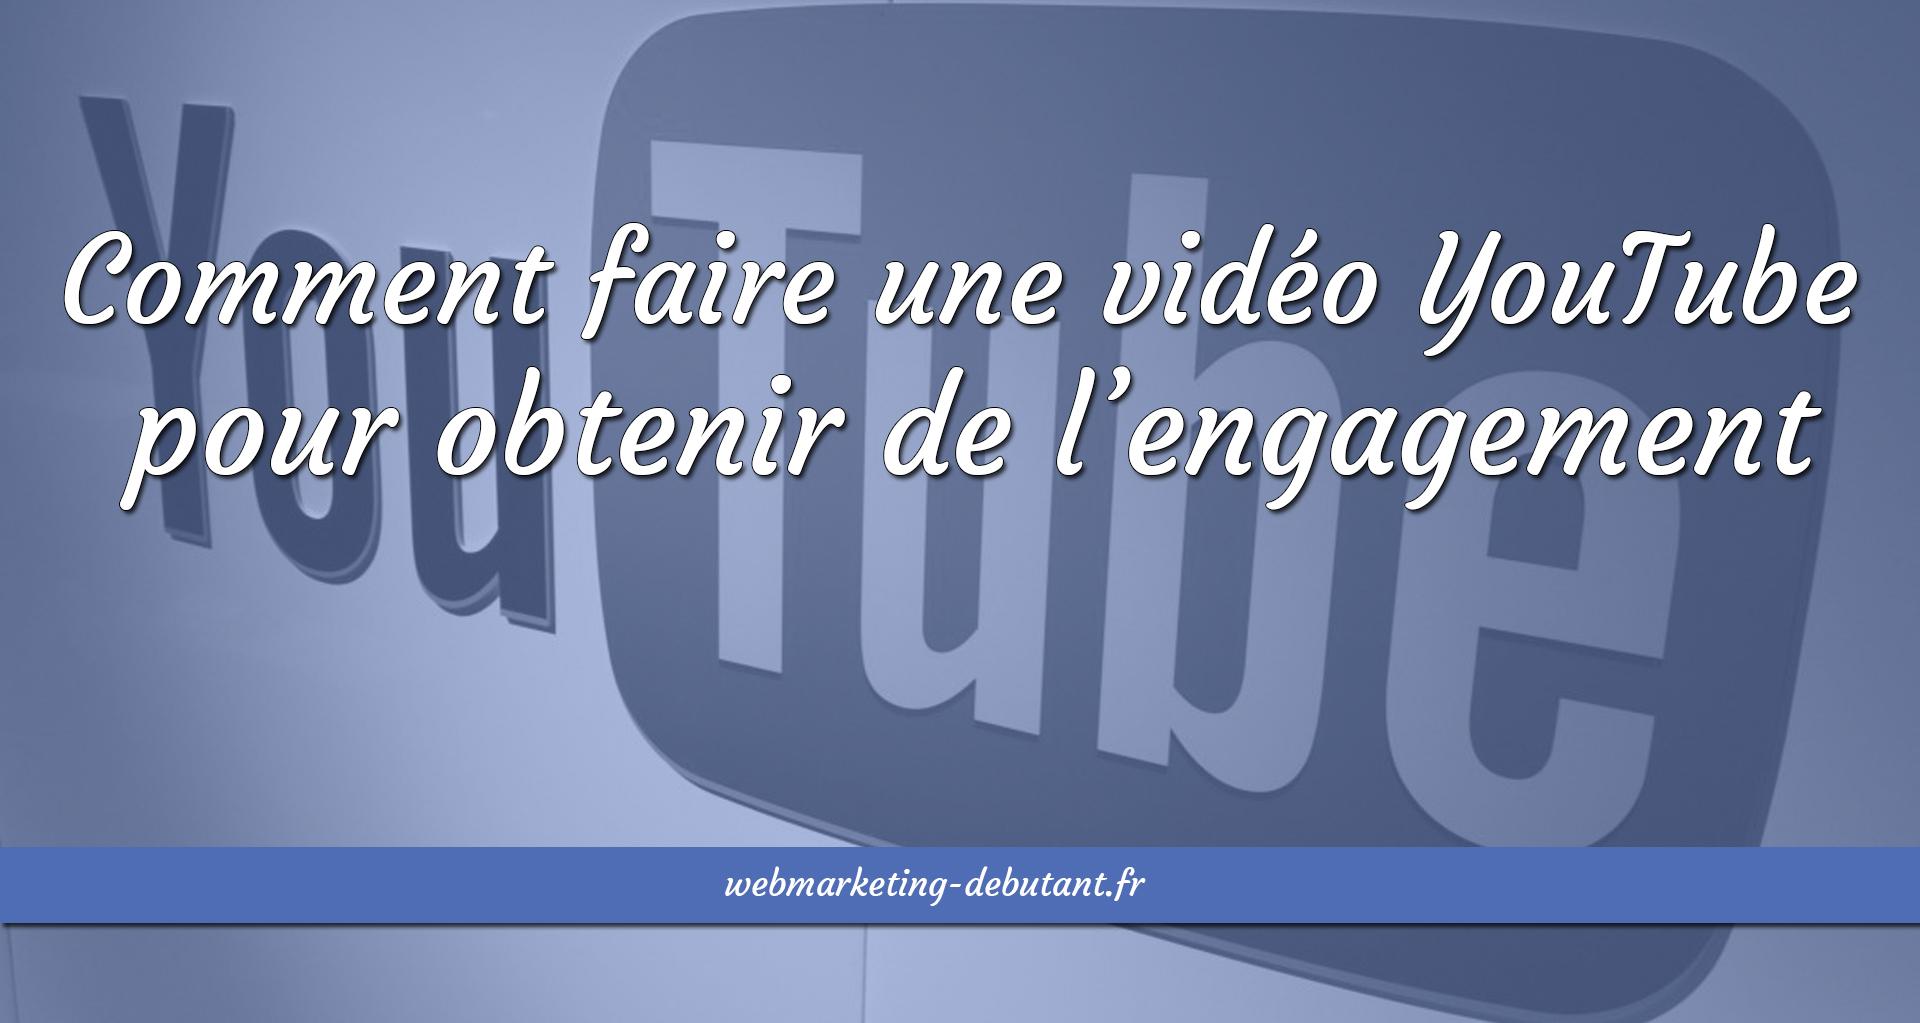 comment faire une video youtube